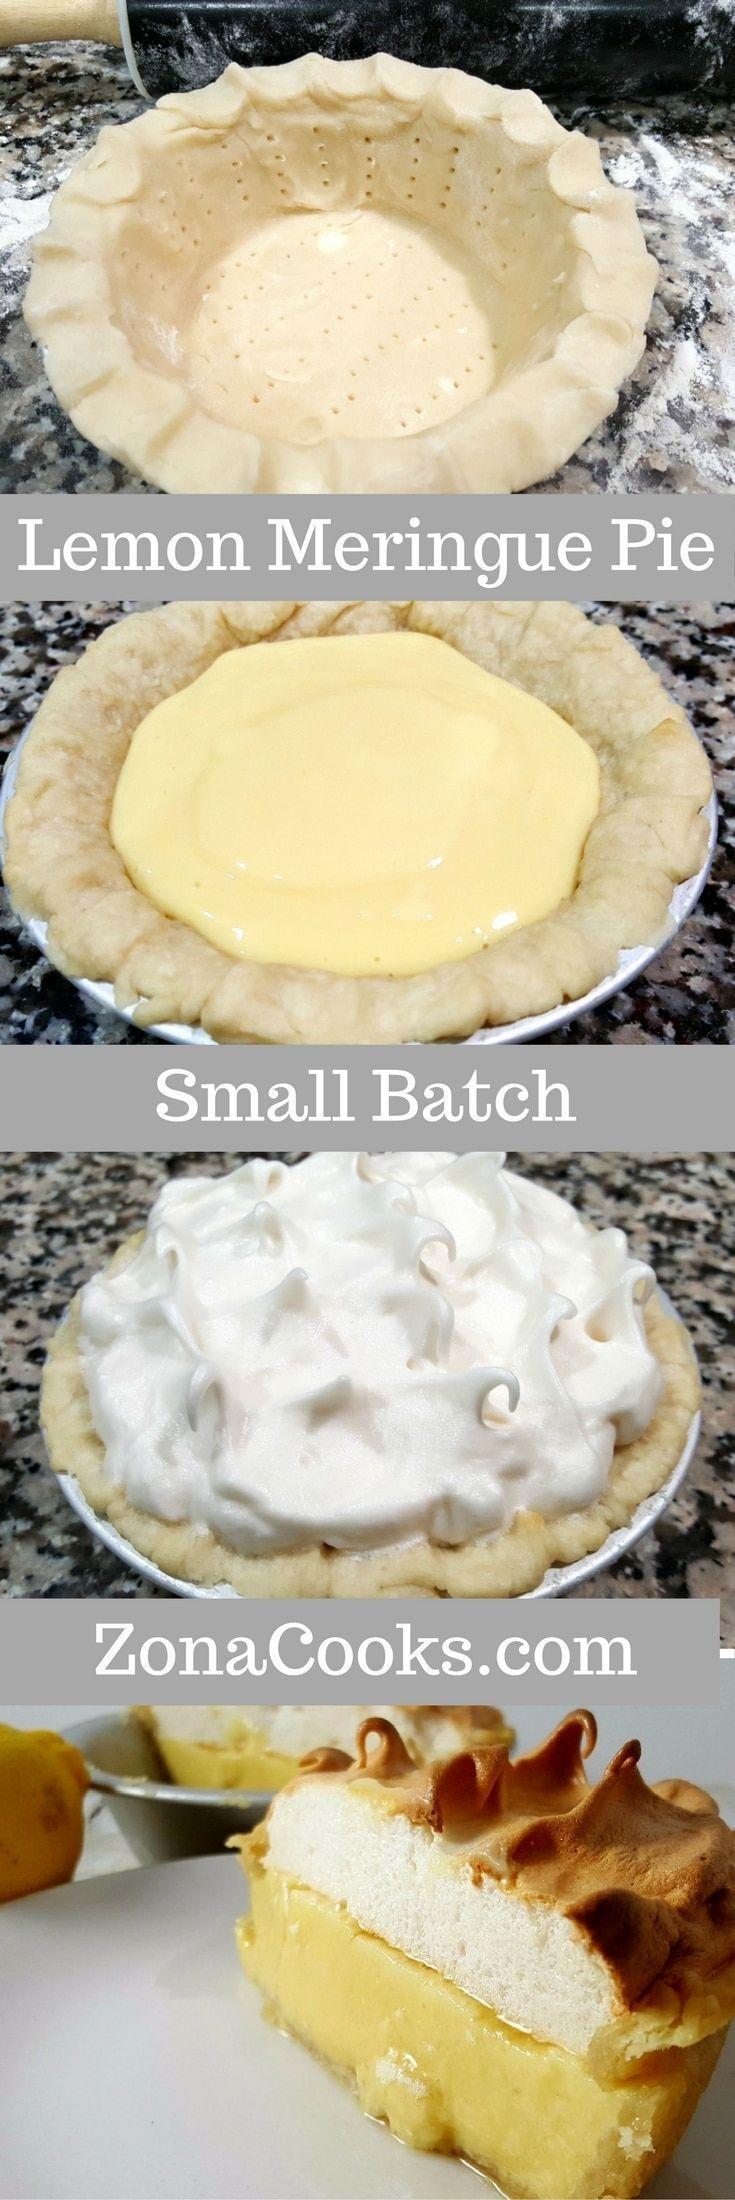 Dieses Rezept für Lemon Meringue Pie Small Batch enthält eine süße ...   - Yummmm! - #Batch #Dieses #eine #enthält #für #Lemon #Meringue #Pie #Rezept #Small #süße #Yummmm #lemonmeringuepie Dieses Rezept für Lemon Meringue Pie Small Batch enthält eine süße ...   - Yummmm! - #Batch #Dieses #eine #enthält #für #Lemon #Meringue #Pie #Rezept #Small #süße #Yummmm #lemonmeringuepie Dieses Rezept für Lemon Meringue Pie Small Batch enthält eine süße ...   - Yummmm! - #Batch #Dieses #e #lemonmeringuepie